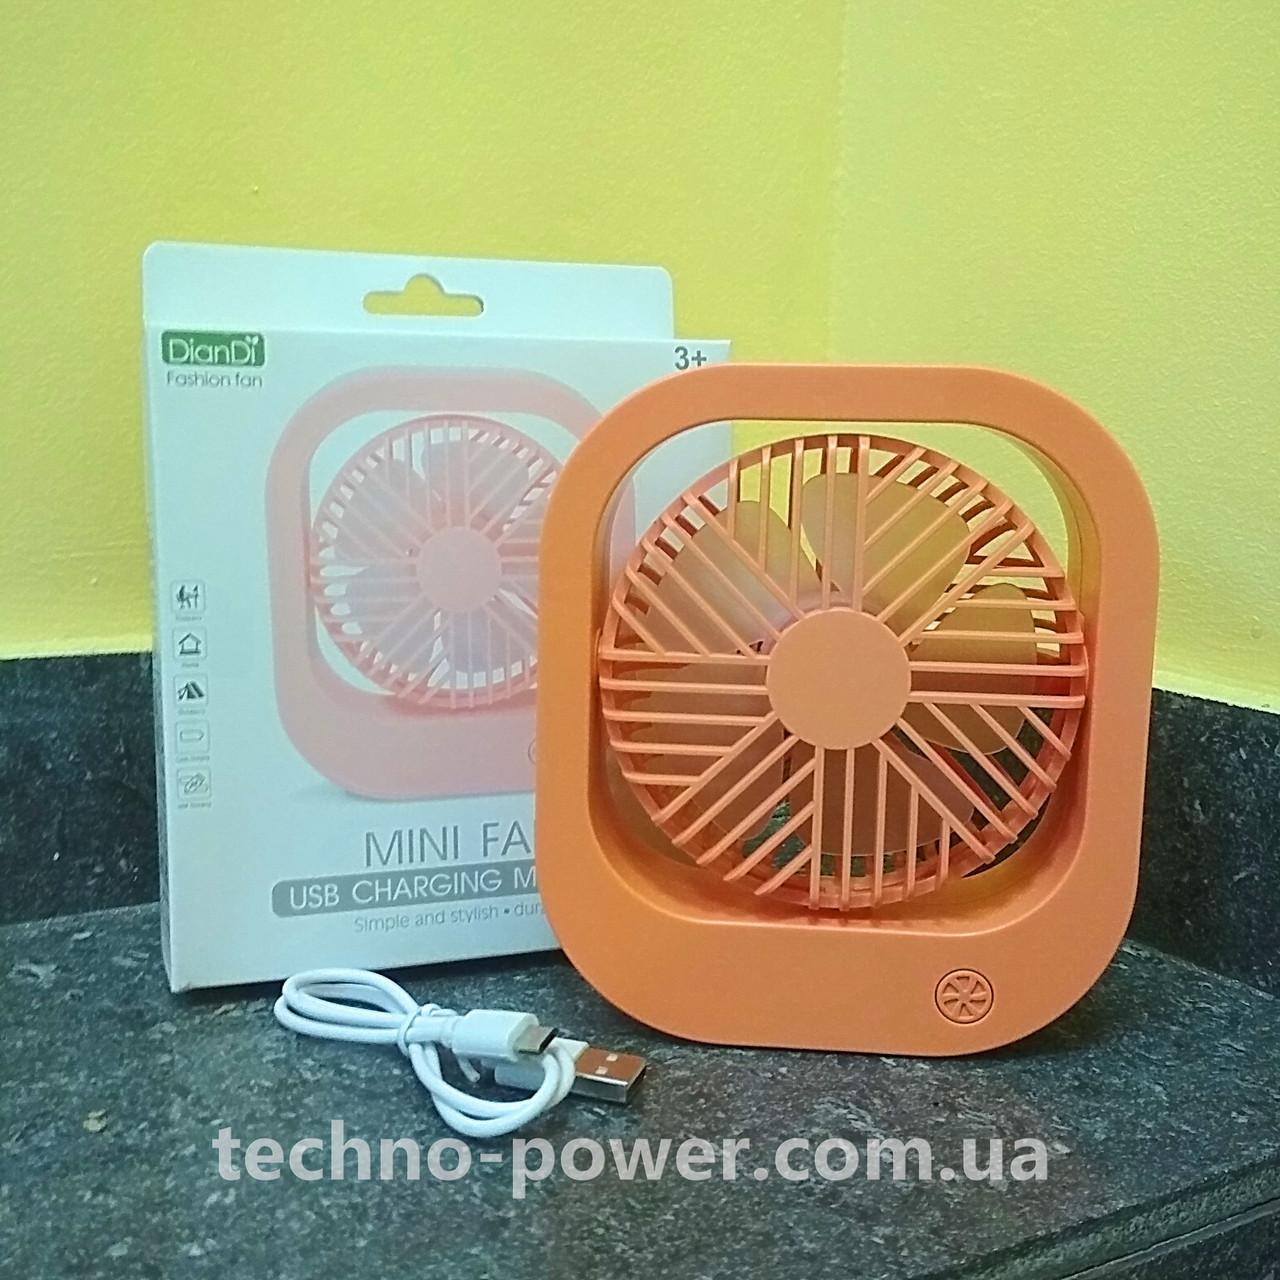 Настольный мини вентилятор портативный DianDi Square. Вентилятор аккумуляторный 2 скорости